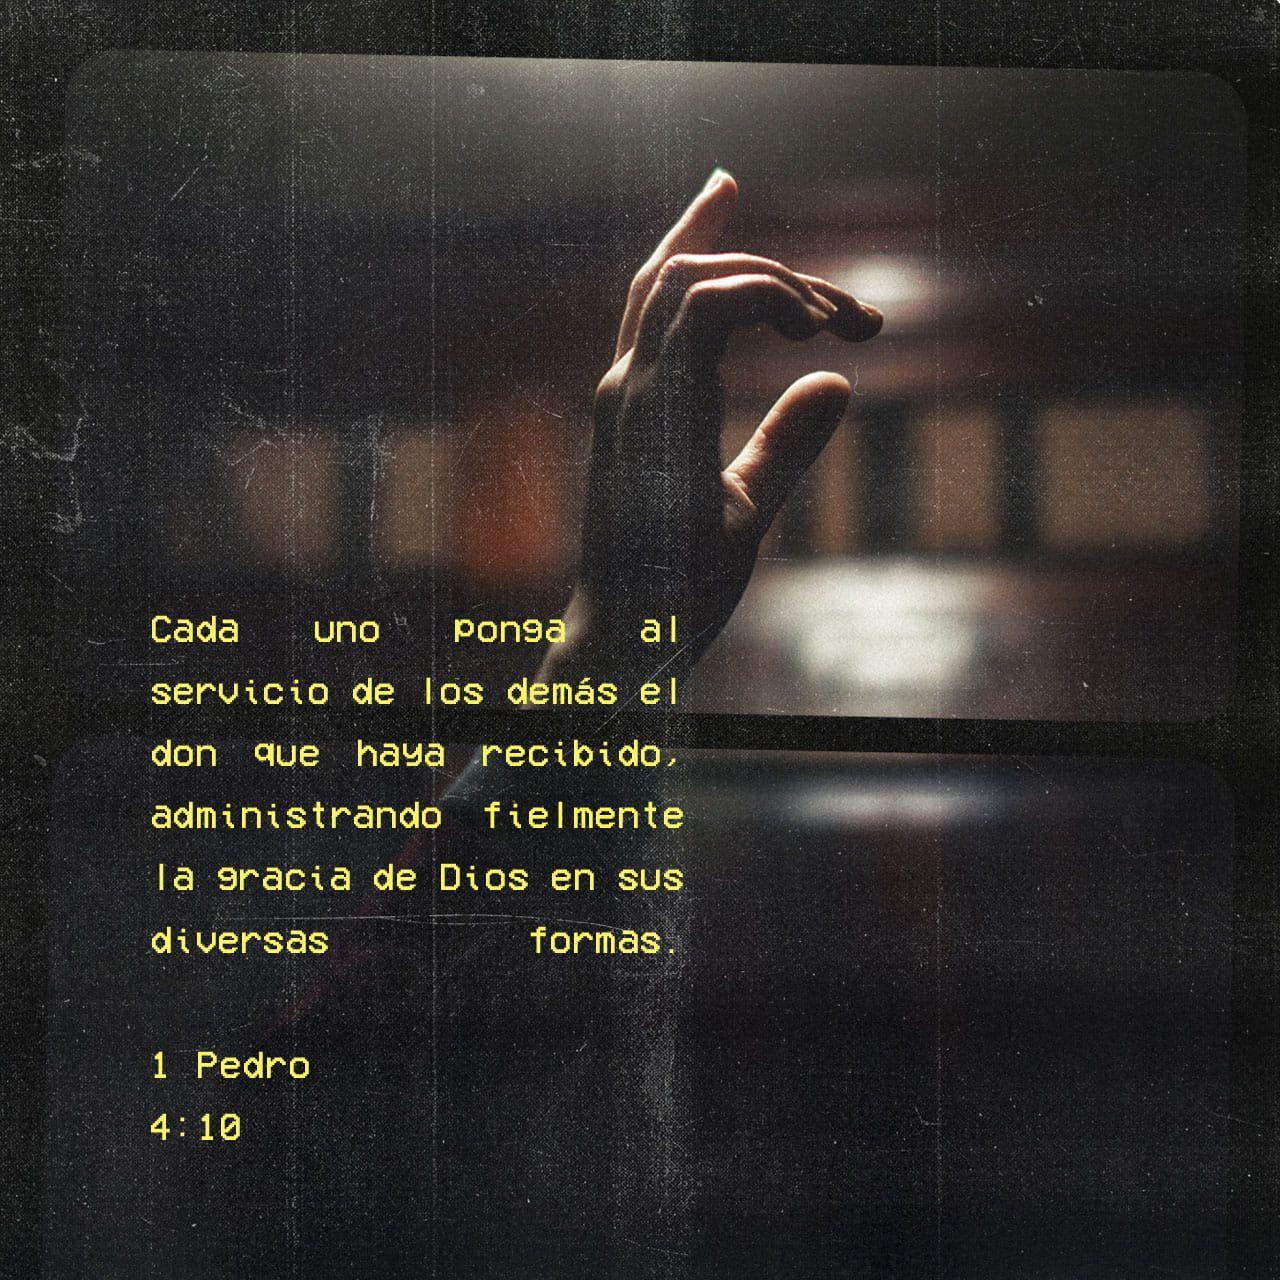 1 Pedro 4 10 Cada Uno De Ustedes Ha Recibido De Dios Alguna Capacidad Especial úsela Bien En El Servicio A Los Demá Bible Apps Spiritual Disciplines Gods Love